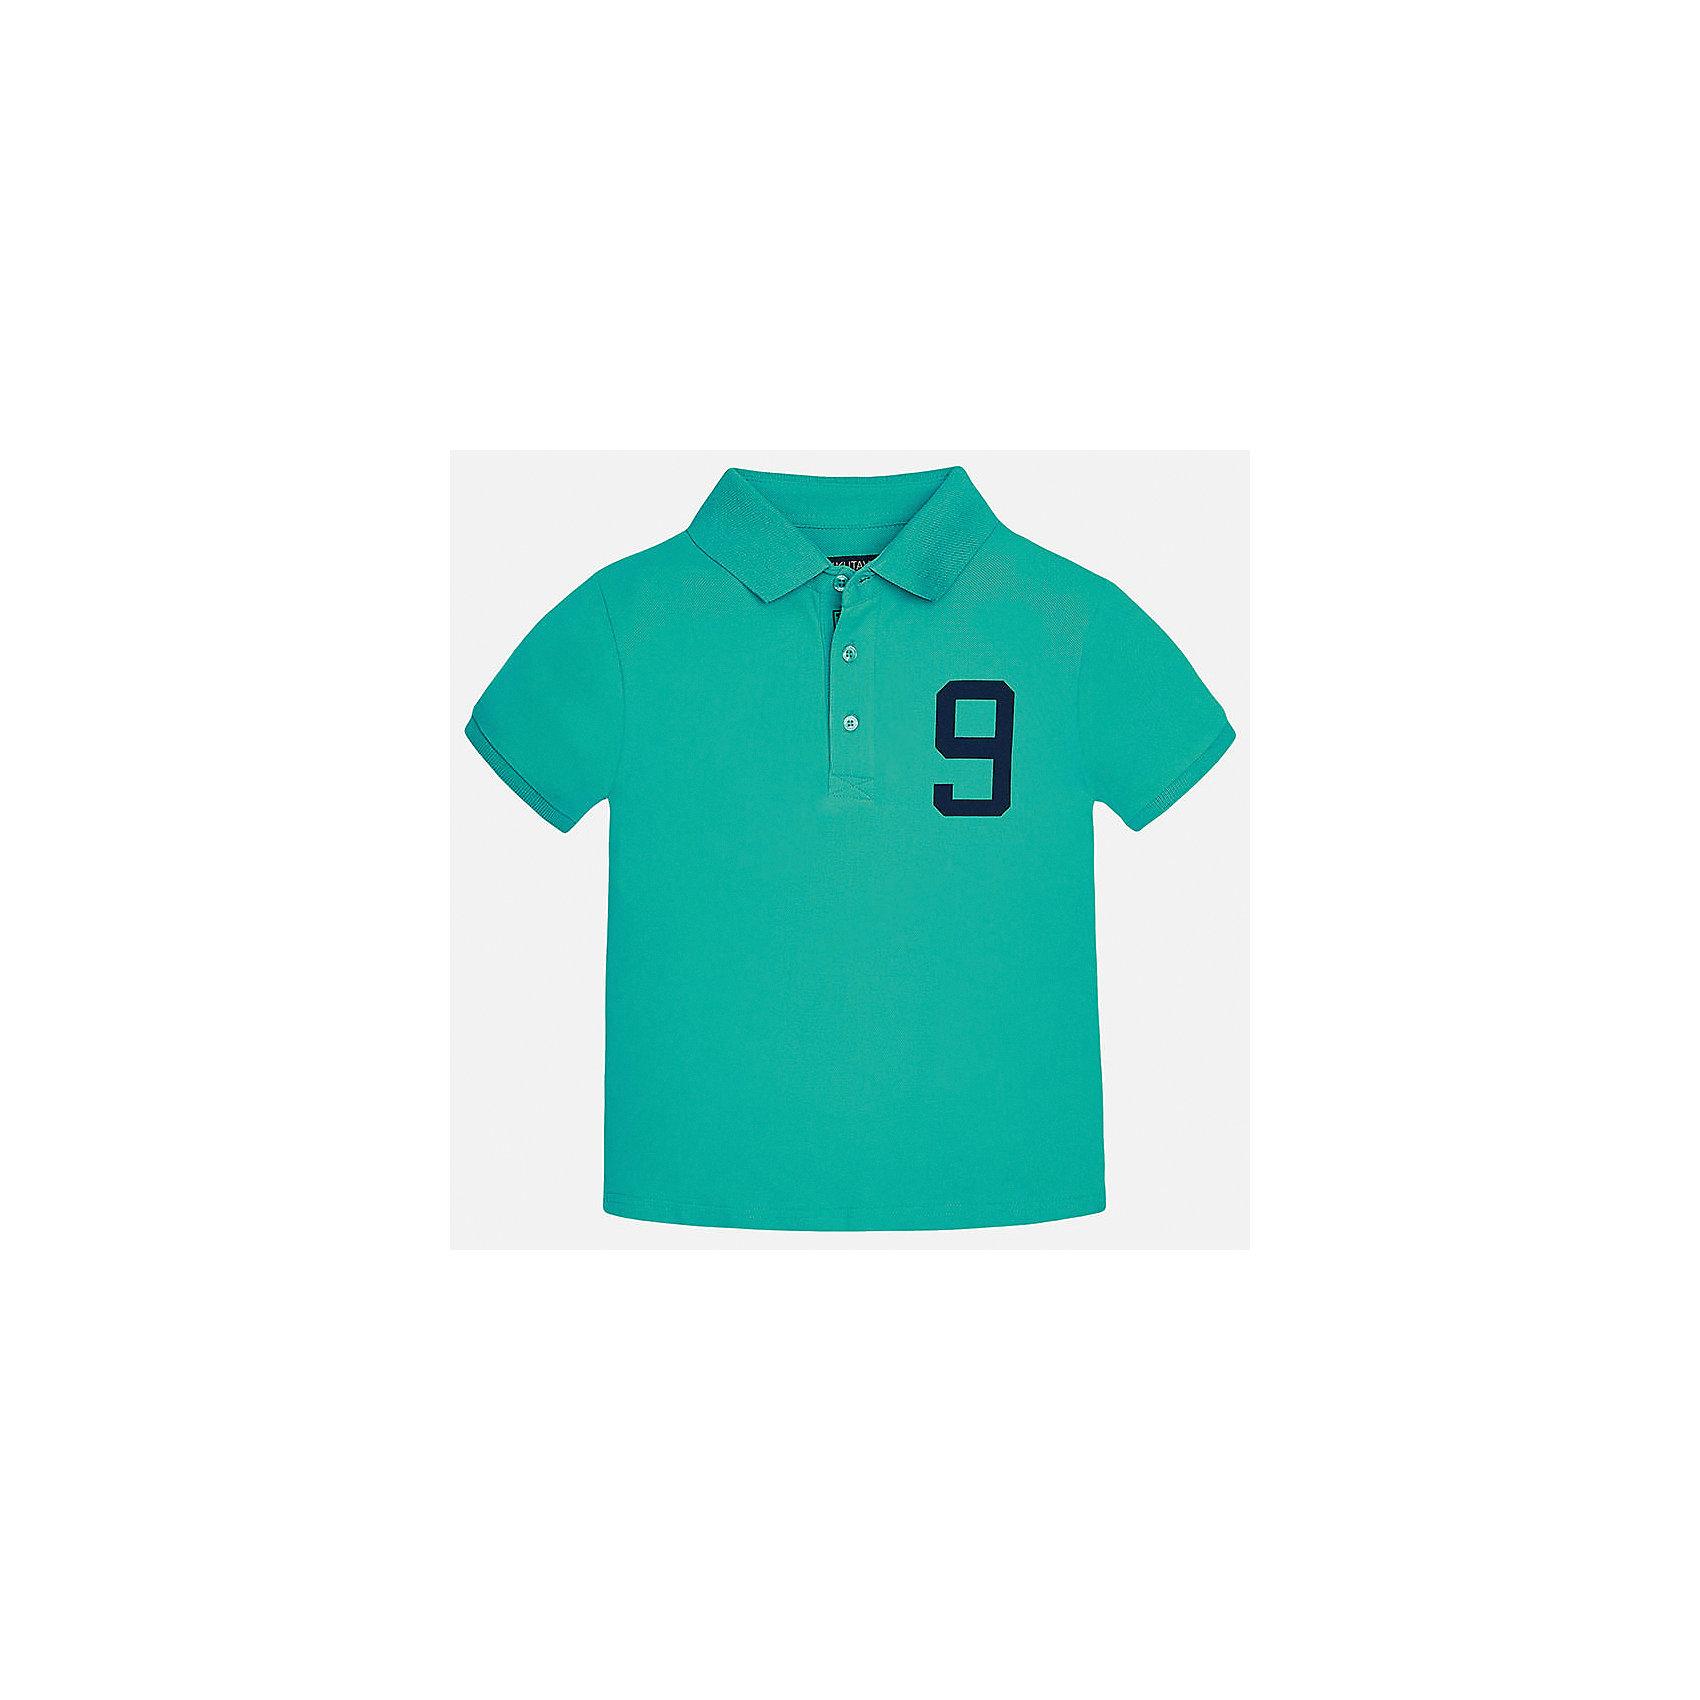 Футболка-поло для мальчика MayoralФутболки, поло и топы<br>Характеристики товара:<br><br>• цвет: зеленый<br>• состав: 95% хлопок, 5% эластан<br>• отложной воротник<br>• декорирована принтом<br>• короткие рукава<br>• застежки: пуговицы<br>• страна бренда: Испания<br><br>Модная футболка-поло поможет разнообразить гардероб мальчика. Она отлично сочетается с брюками, шортами, джинсами. Универсальный крой и цвет позволяет подобрать к вещи низ разных расцветок. Практичное и стильное изделие! Хорошо смотрится и комфортно сидит на детях. В составе материала - только натуральный хлопок, гипоаллергенный, приятный на ощупь, дышащий.<br><br>Одежда, обувь и аксессуары от испанского бренда Mayoral полюбились детям и взрослым по всему миру. Модели этой марки - стильные и удобные. Для их производства используются только безопасные, качественные материалы и фурнитура. Порадуйте ребенка модными и красивыми вещами от Mayoral! <br><br>Футболку-поло для мальчика от испанского бренда Mayoral (Майорал) можно купить в нашем интернет-магазине.<br><br>Ширина мм: 199<br>Глубина мм: 10<br>Высота мм: 161<br>Вес г: 151<br>Цвет: зеленый<br>Возраст от месяцев: 96<br>Возраст до месяцев: 108<br>Пол: Мужской<br>Возраст: Детский<br>Размер: 140,128/134,158,164,170,152<br>SKU: 5281547